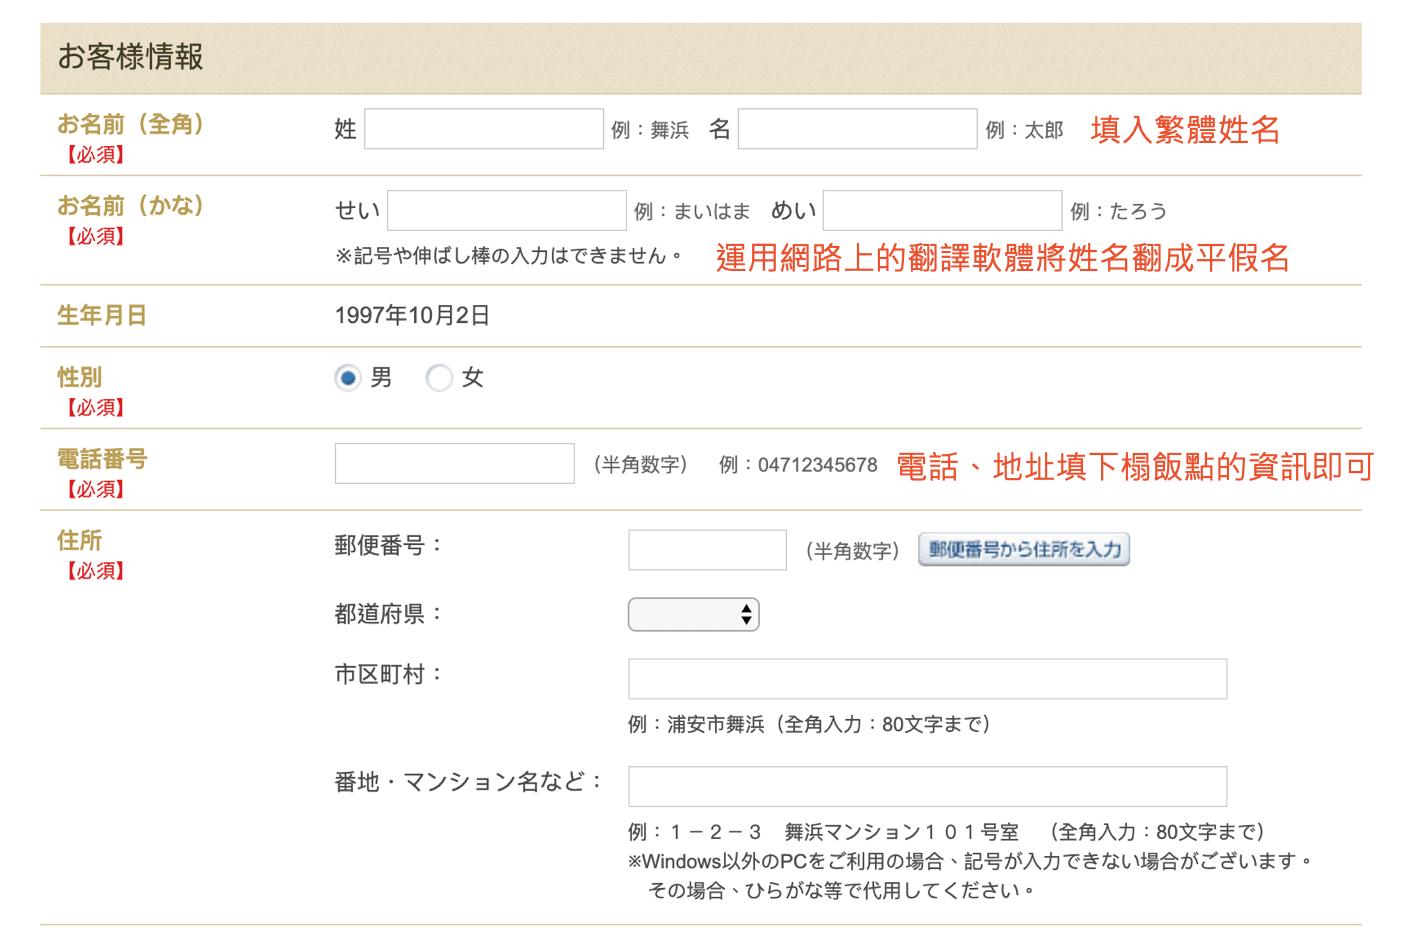 一一填入欄位裡的資訊,申請帳號並不困難!圖片來源:KLOOK編輯製圖